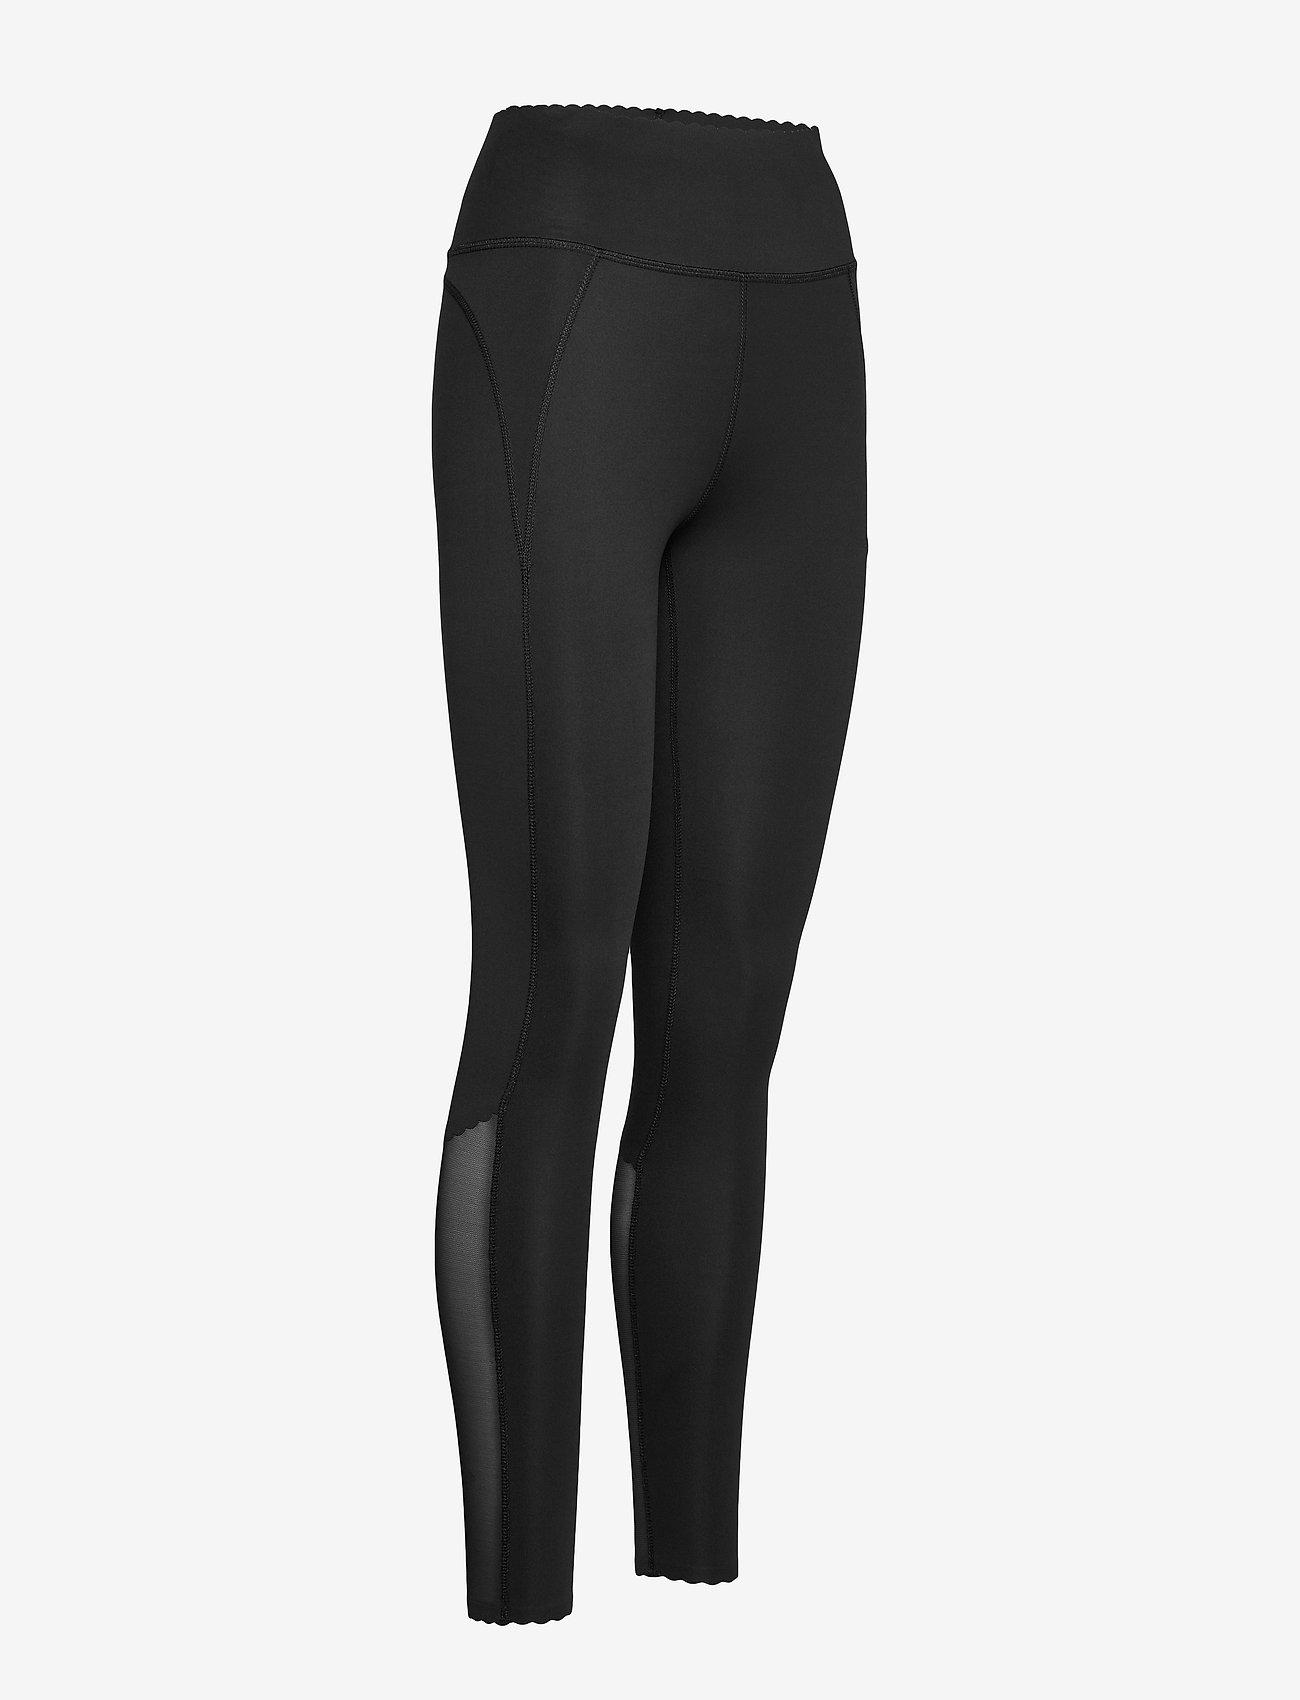 Röhnisch Laser Cut Tights - Leginsy BLACK - Kobiety Odzież.